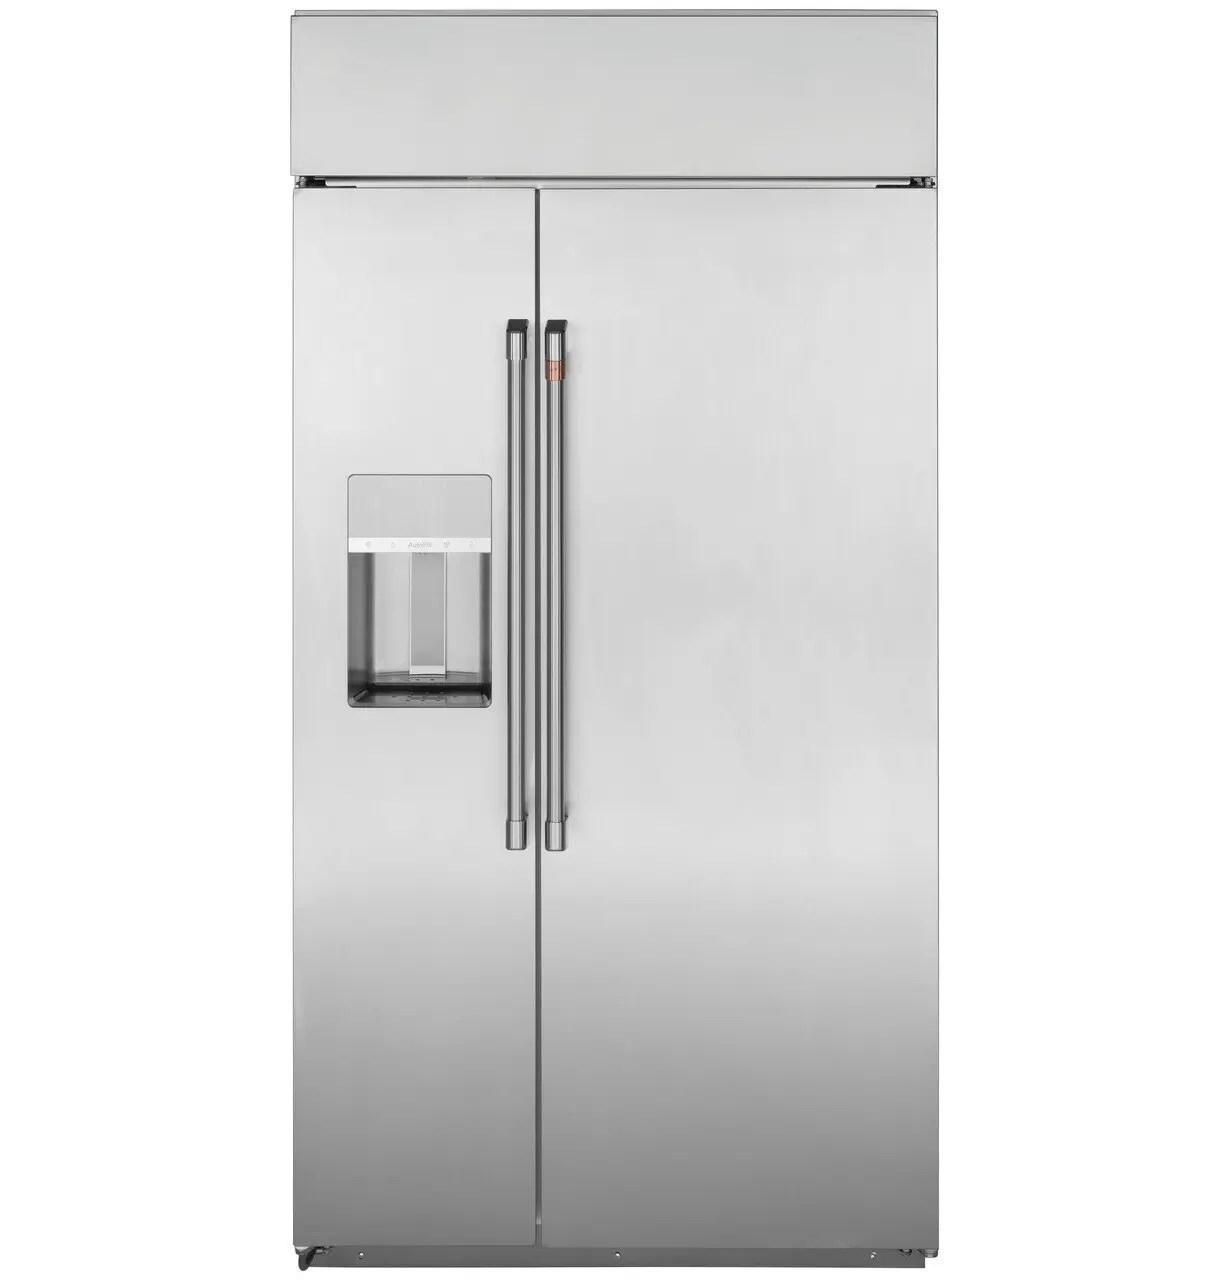 """Caf(eback) 42"""" Smart Built-In Side-by-Side Refrigerator with Dispenser"""